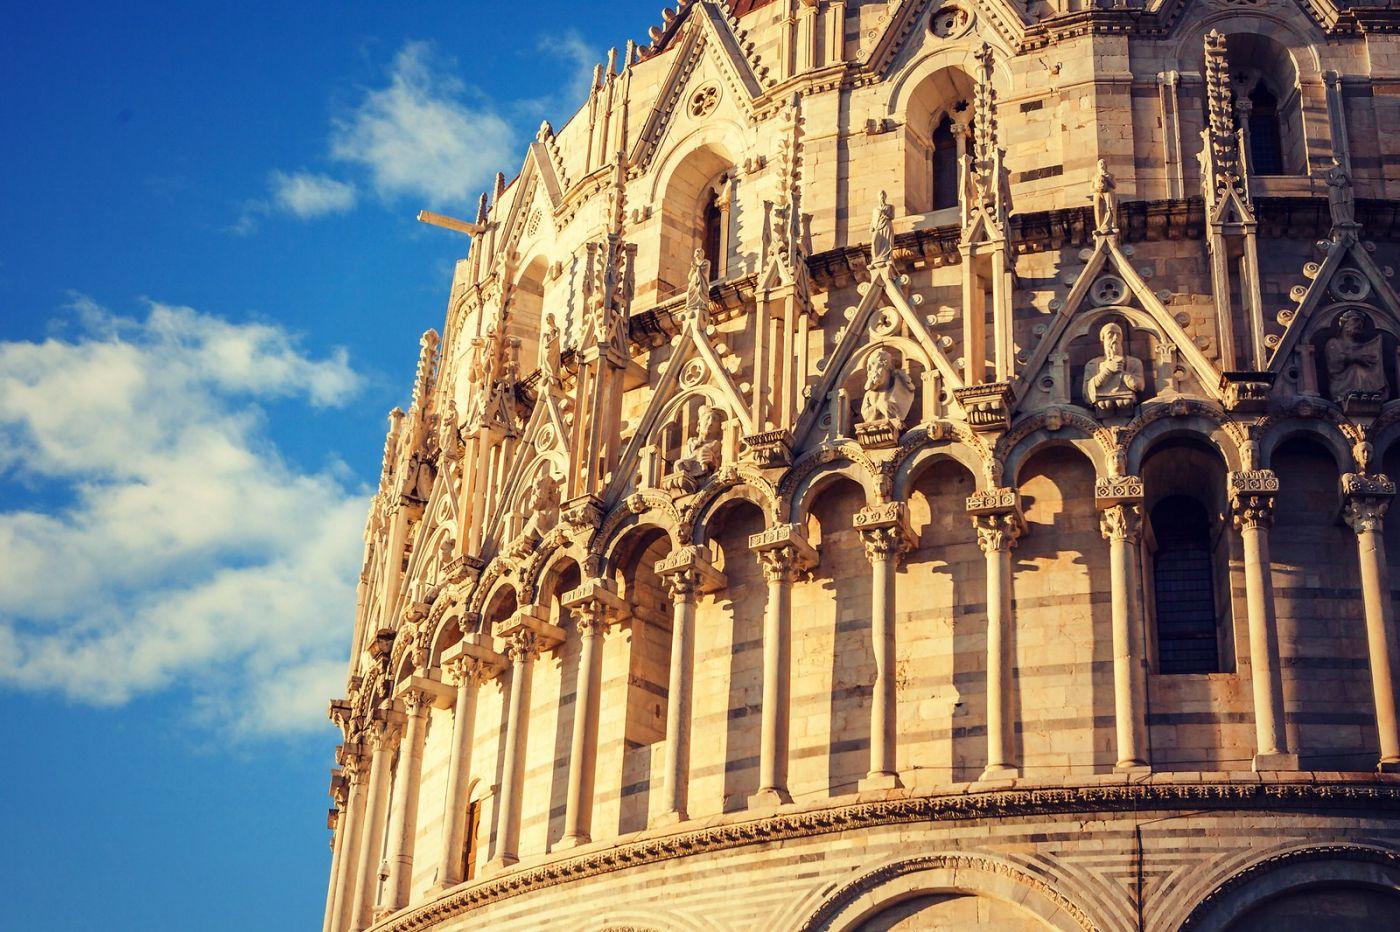 意大利比萨斜塔,塔旁的建筑群_图1-28